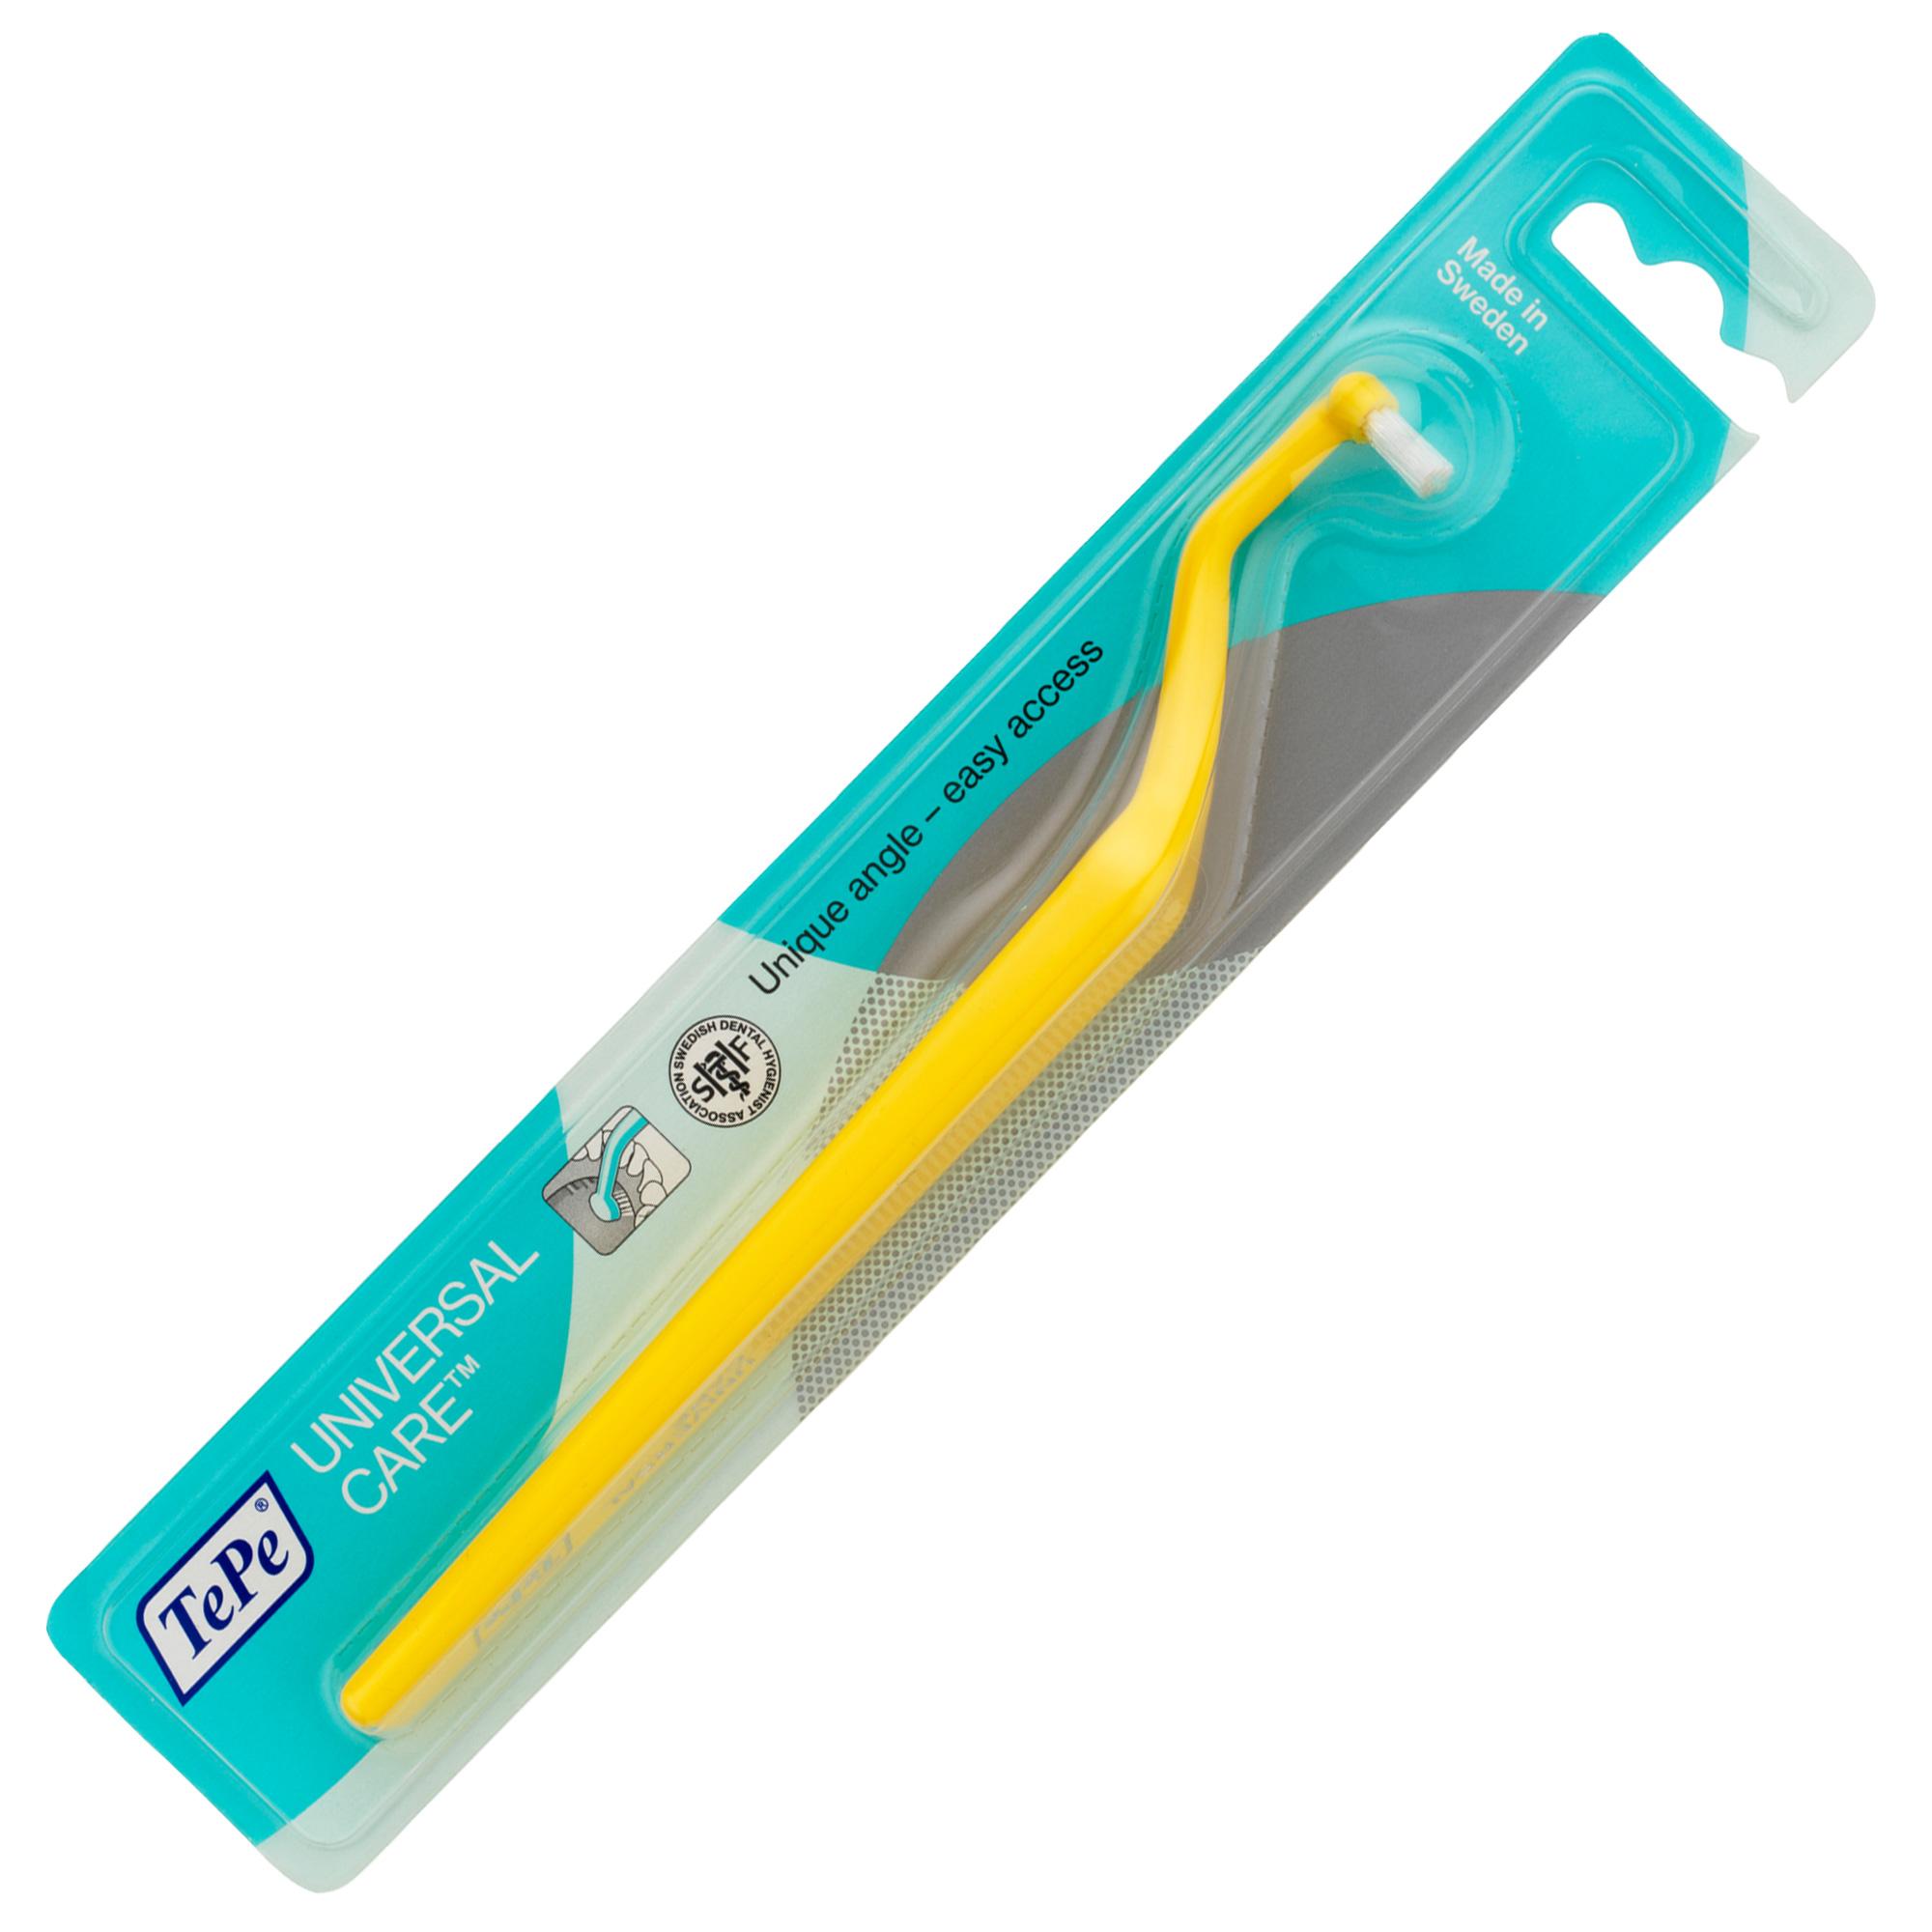 Bàn chải đánh răng đầu vòm dùng cho răng implant Tepe Implant Care nhiều màu